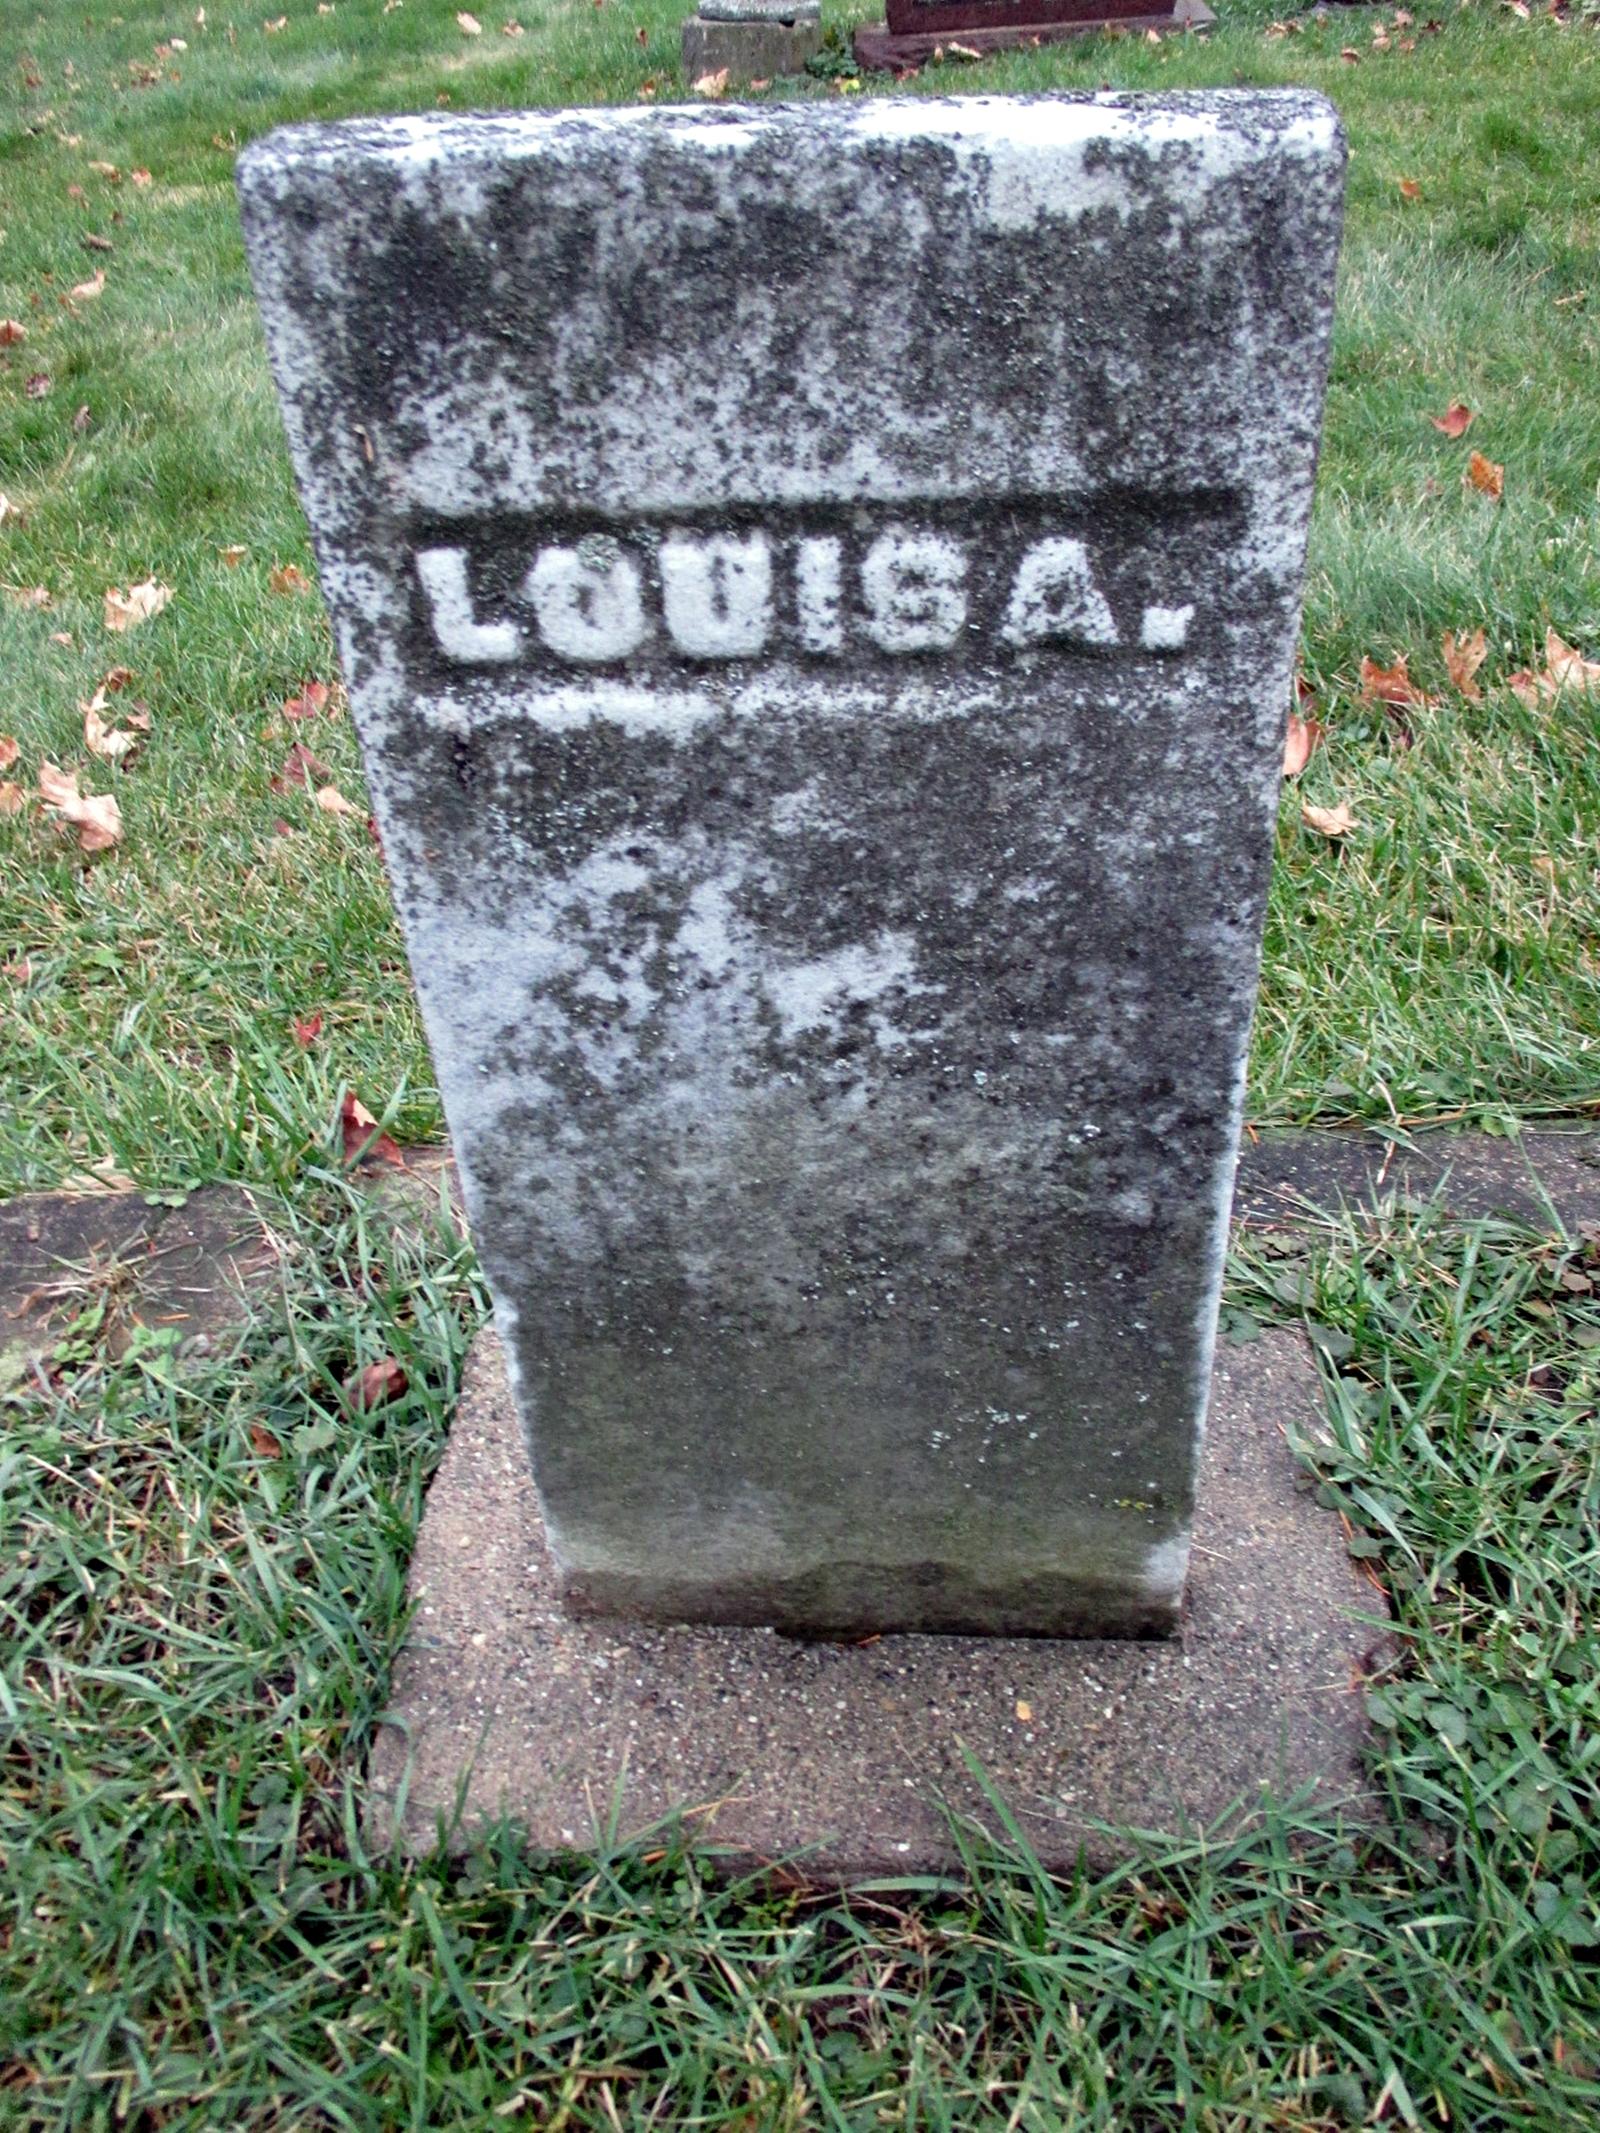 Louisa <i>Baker</i> Tiefenthal